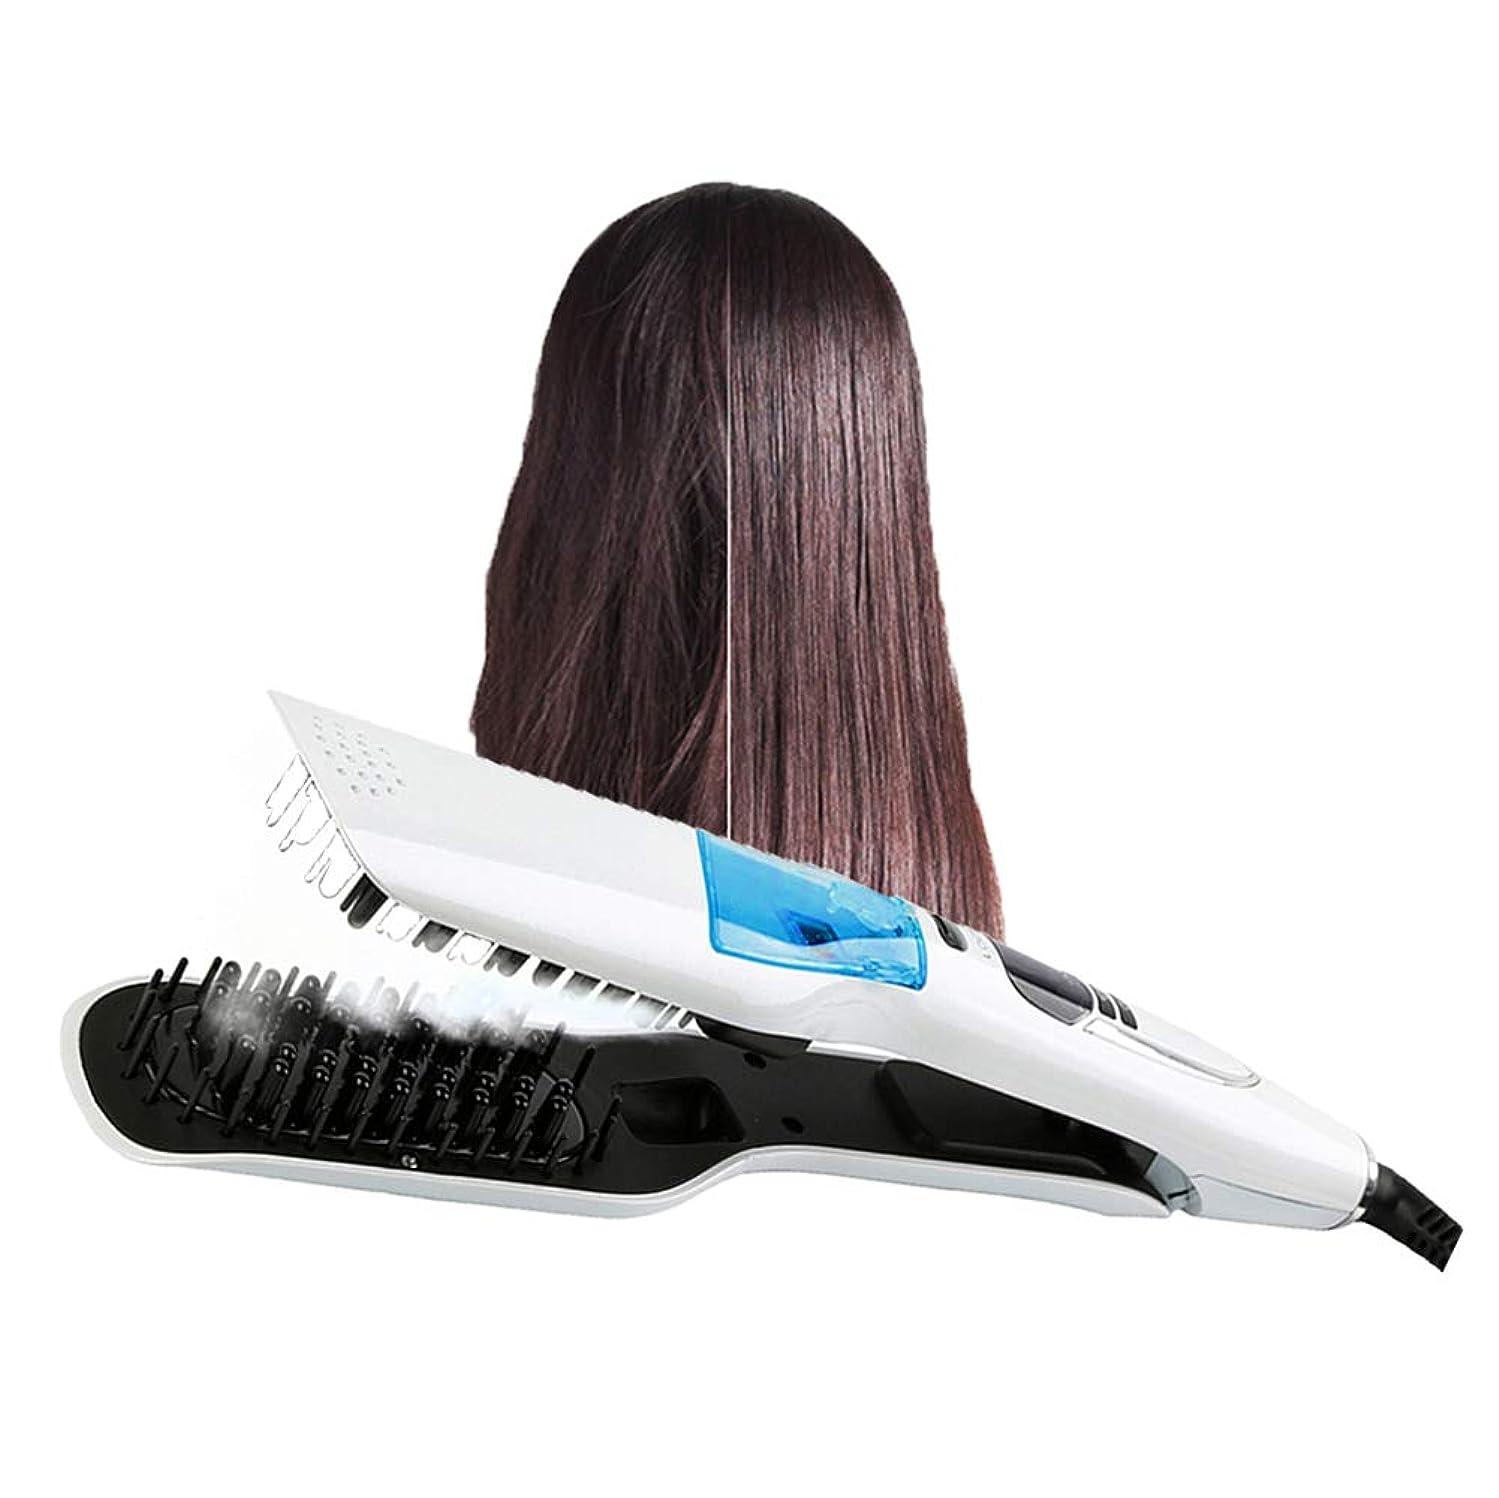 請願者くしゃくしゃシンボル女性のための LED 表示の電気蒸気の毛の櫛毛の速いスプレーの蒸気のスタイリング用具の白いの専門の毛の矯正の櫛